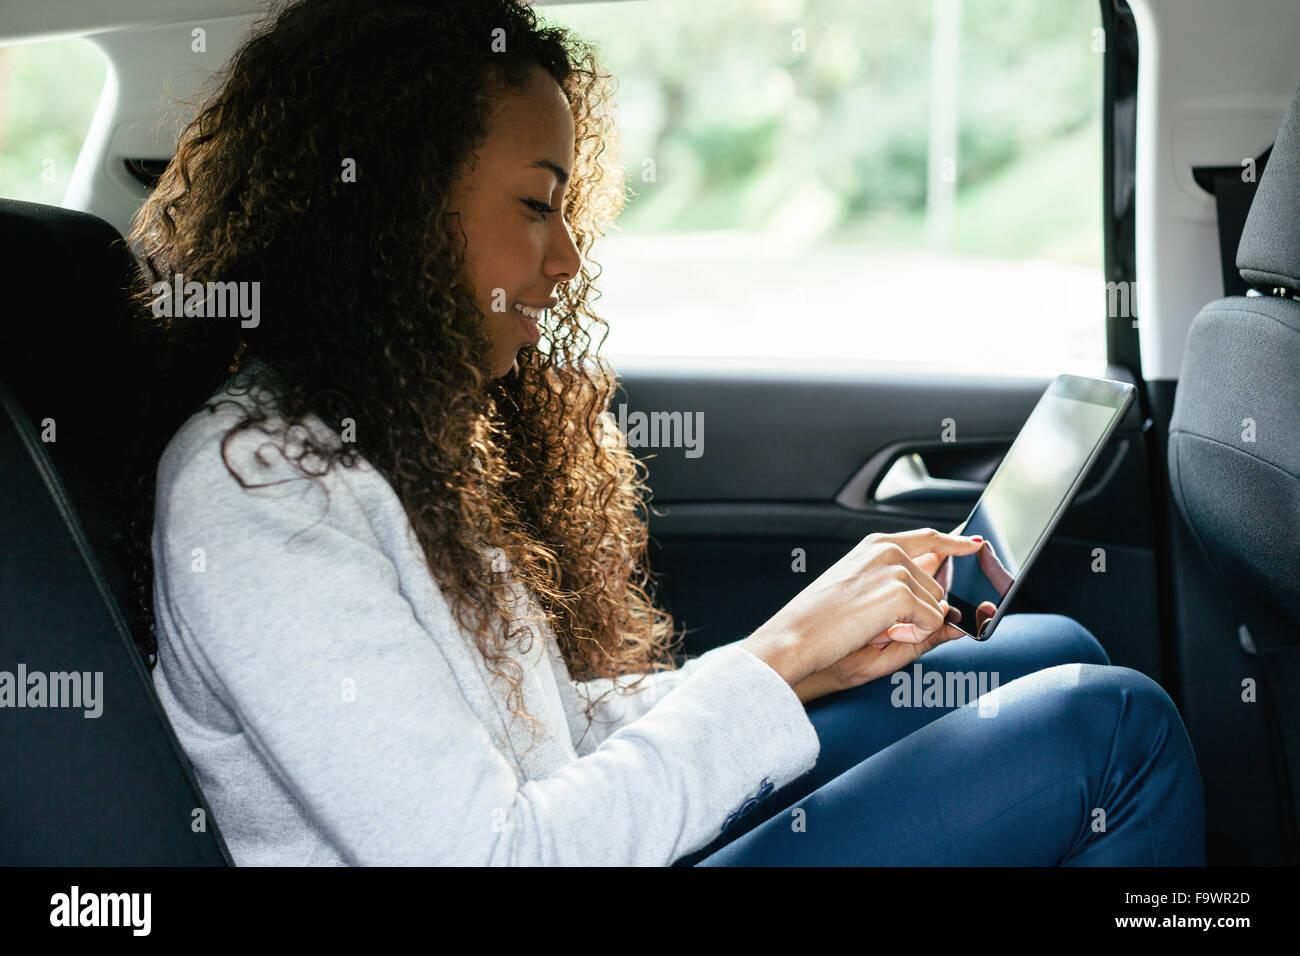 Mujer joven sentada en el asiento de atrás de un coche con mini tablet Imagen De Stock